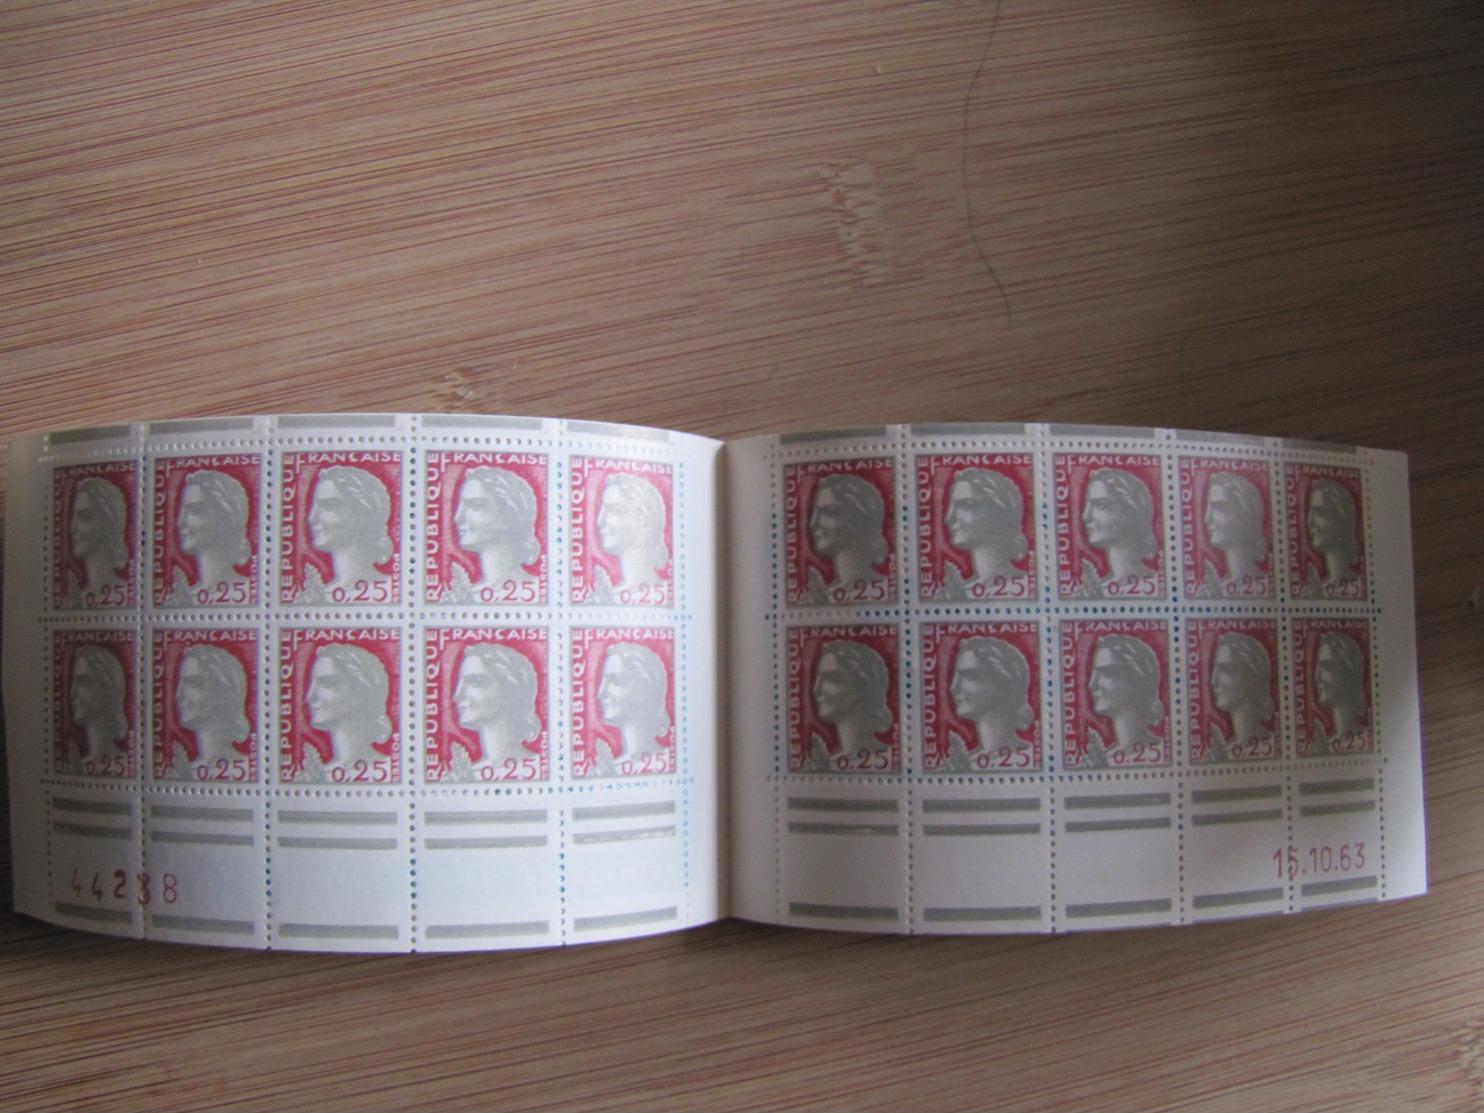 CARNET MARIANNE DE DECARIS 1263 S-20-63  AVEC VARIETE DE DECOUPE - Carnets